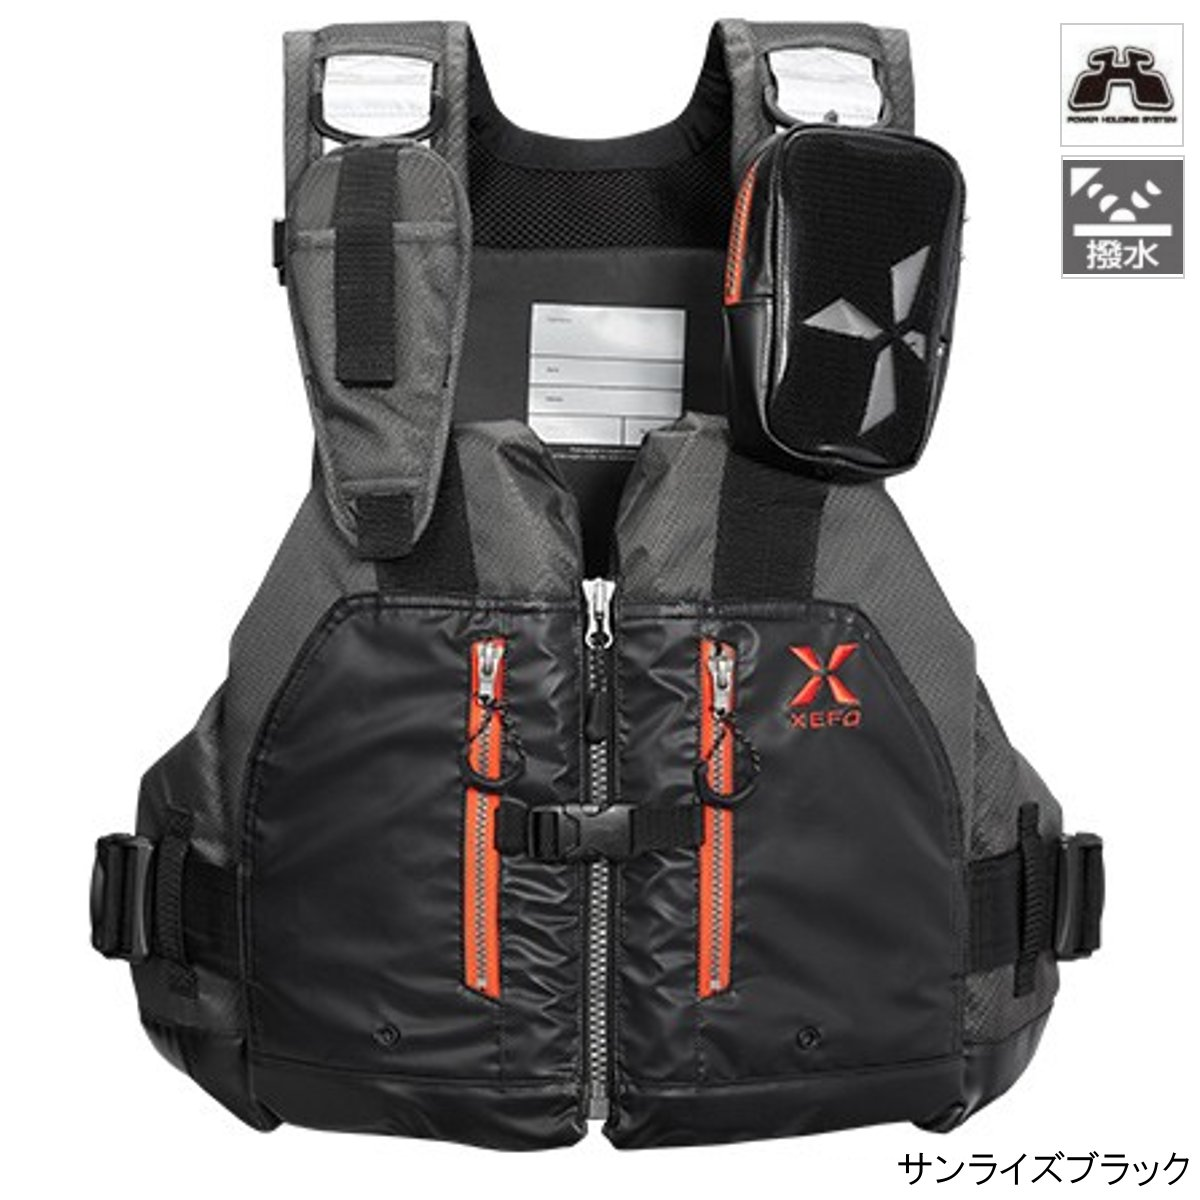 シマノ XEFO ROCK TRAVERSE VEST VF-297Q フリー サンライズブラック(東日本店)